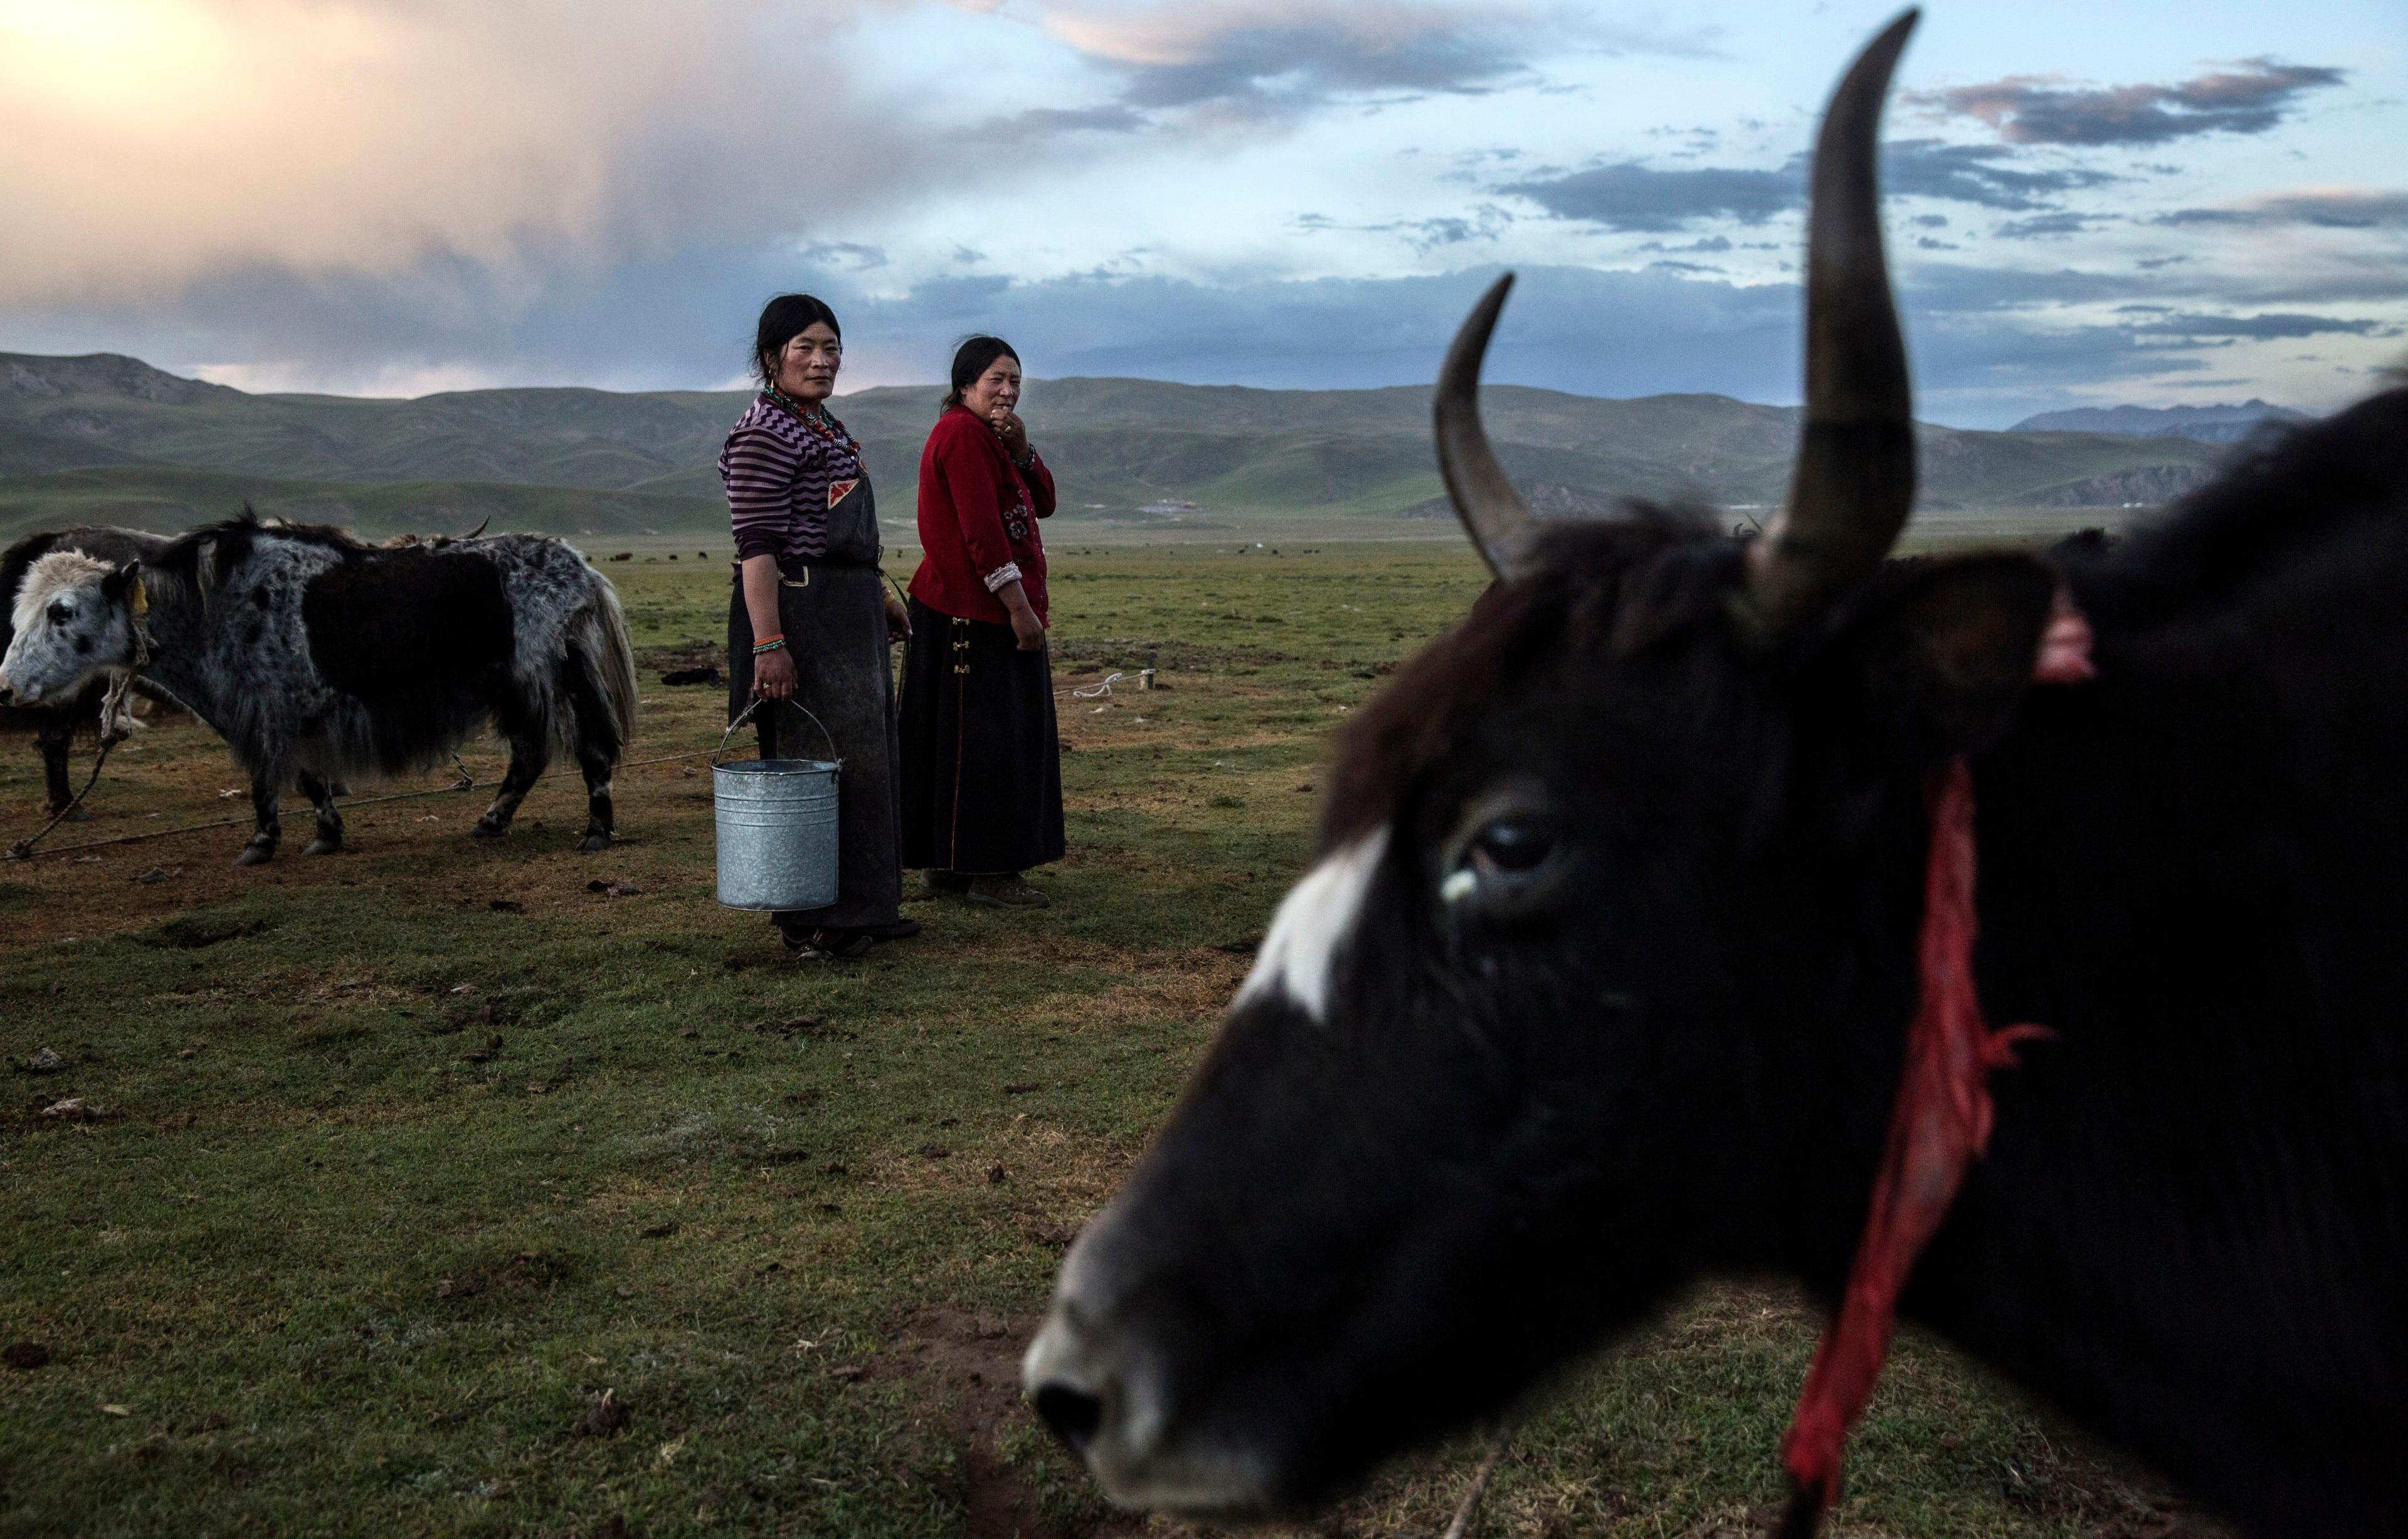 Nomadic ethnic Tibetan women amongst their prized native animal, Yak